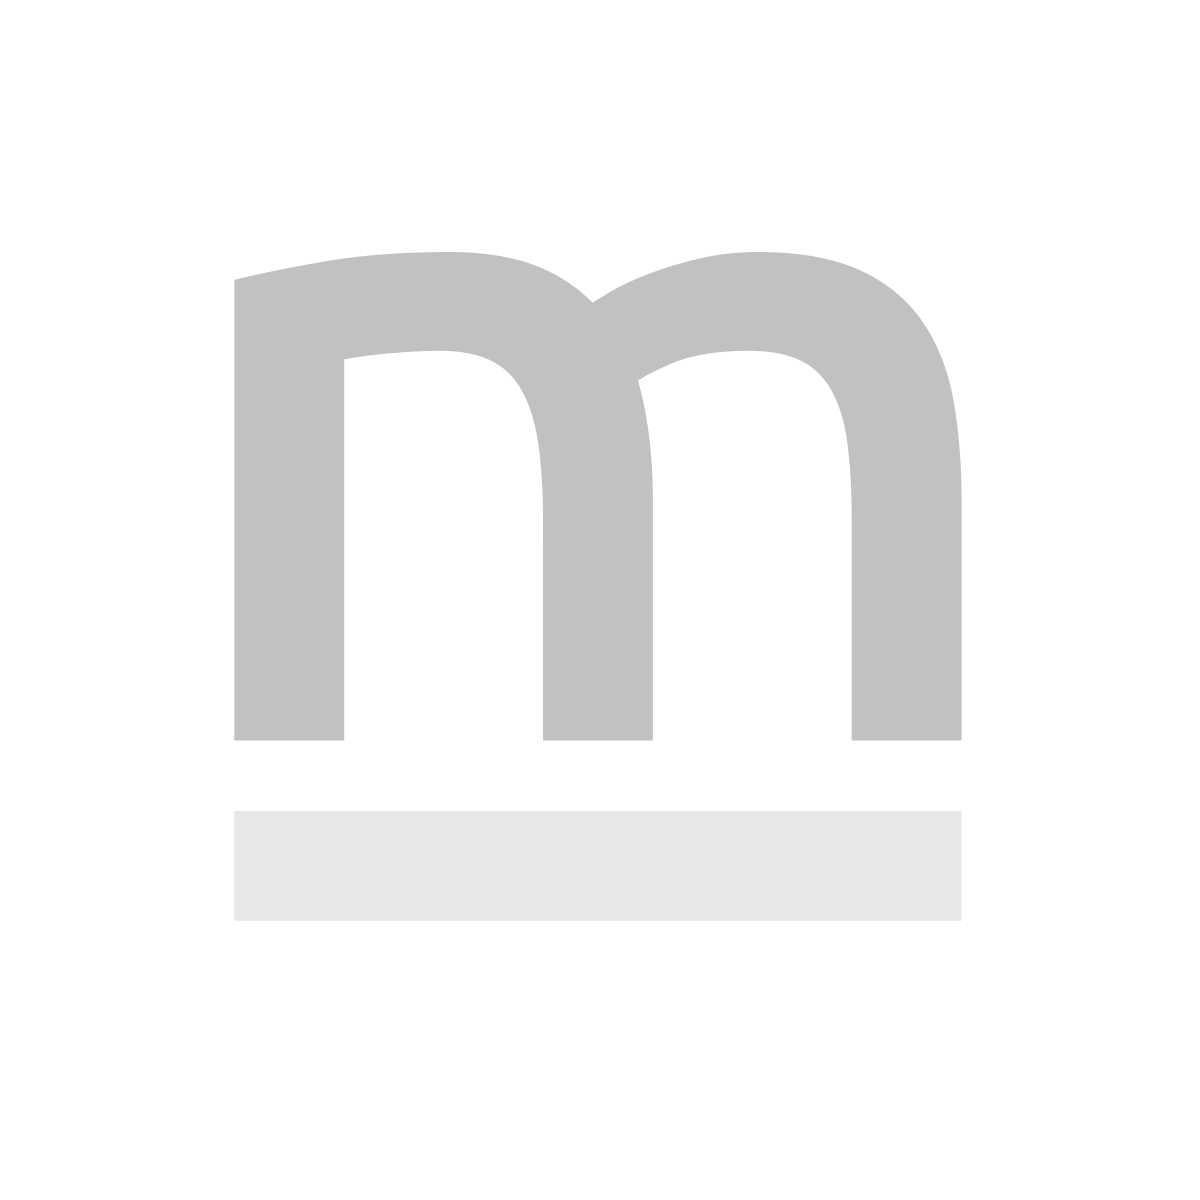 Łóżko BABY DREAMS niebieski miś 140x70